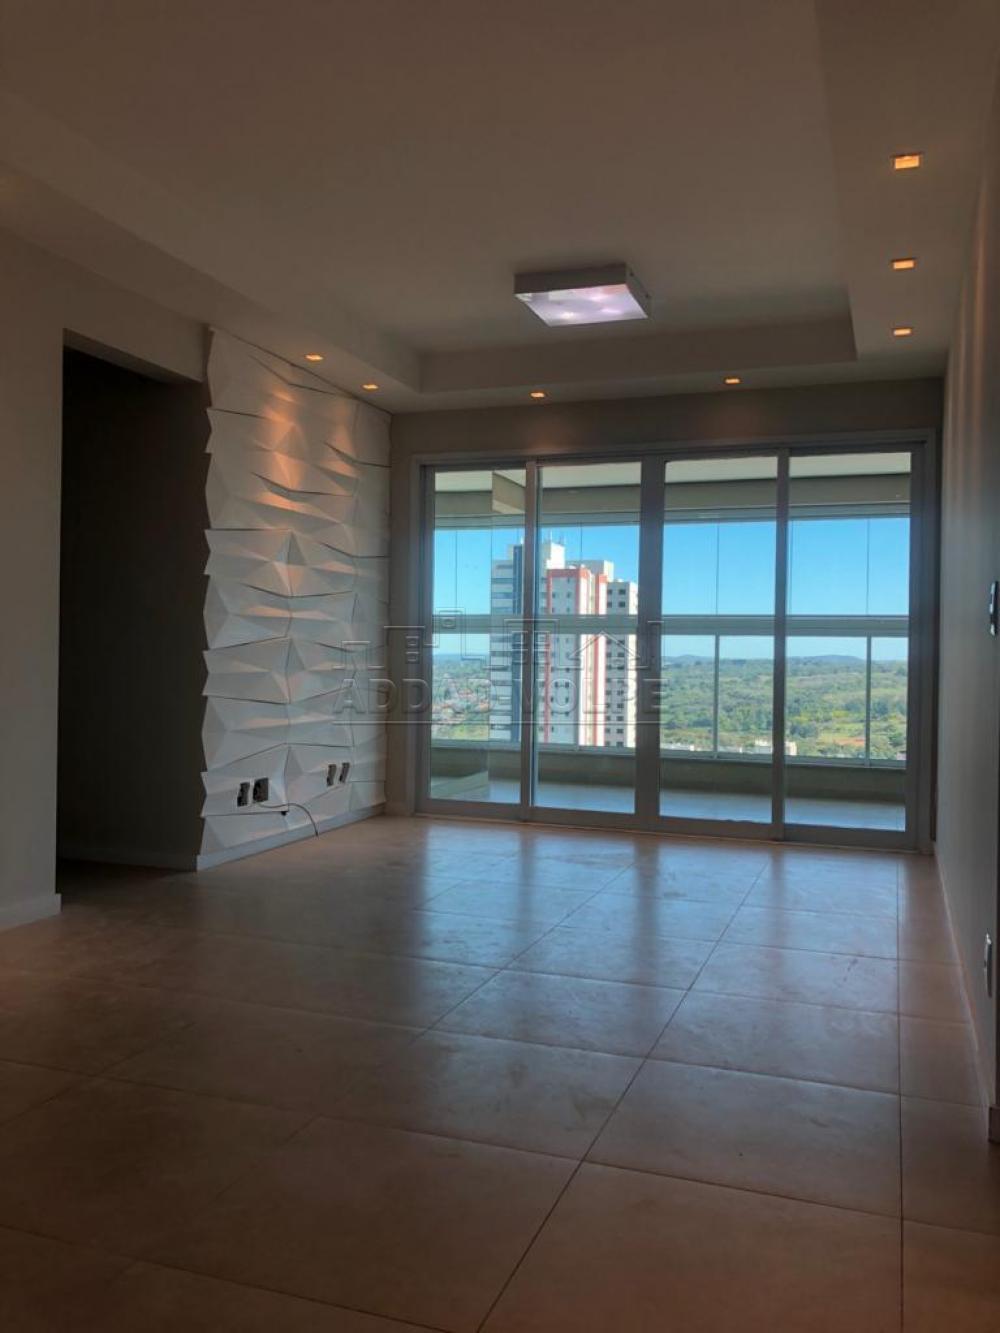 Comprar Apartamento / Padrão em Bauru R$ 990.000,00 - Foto 4